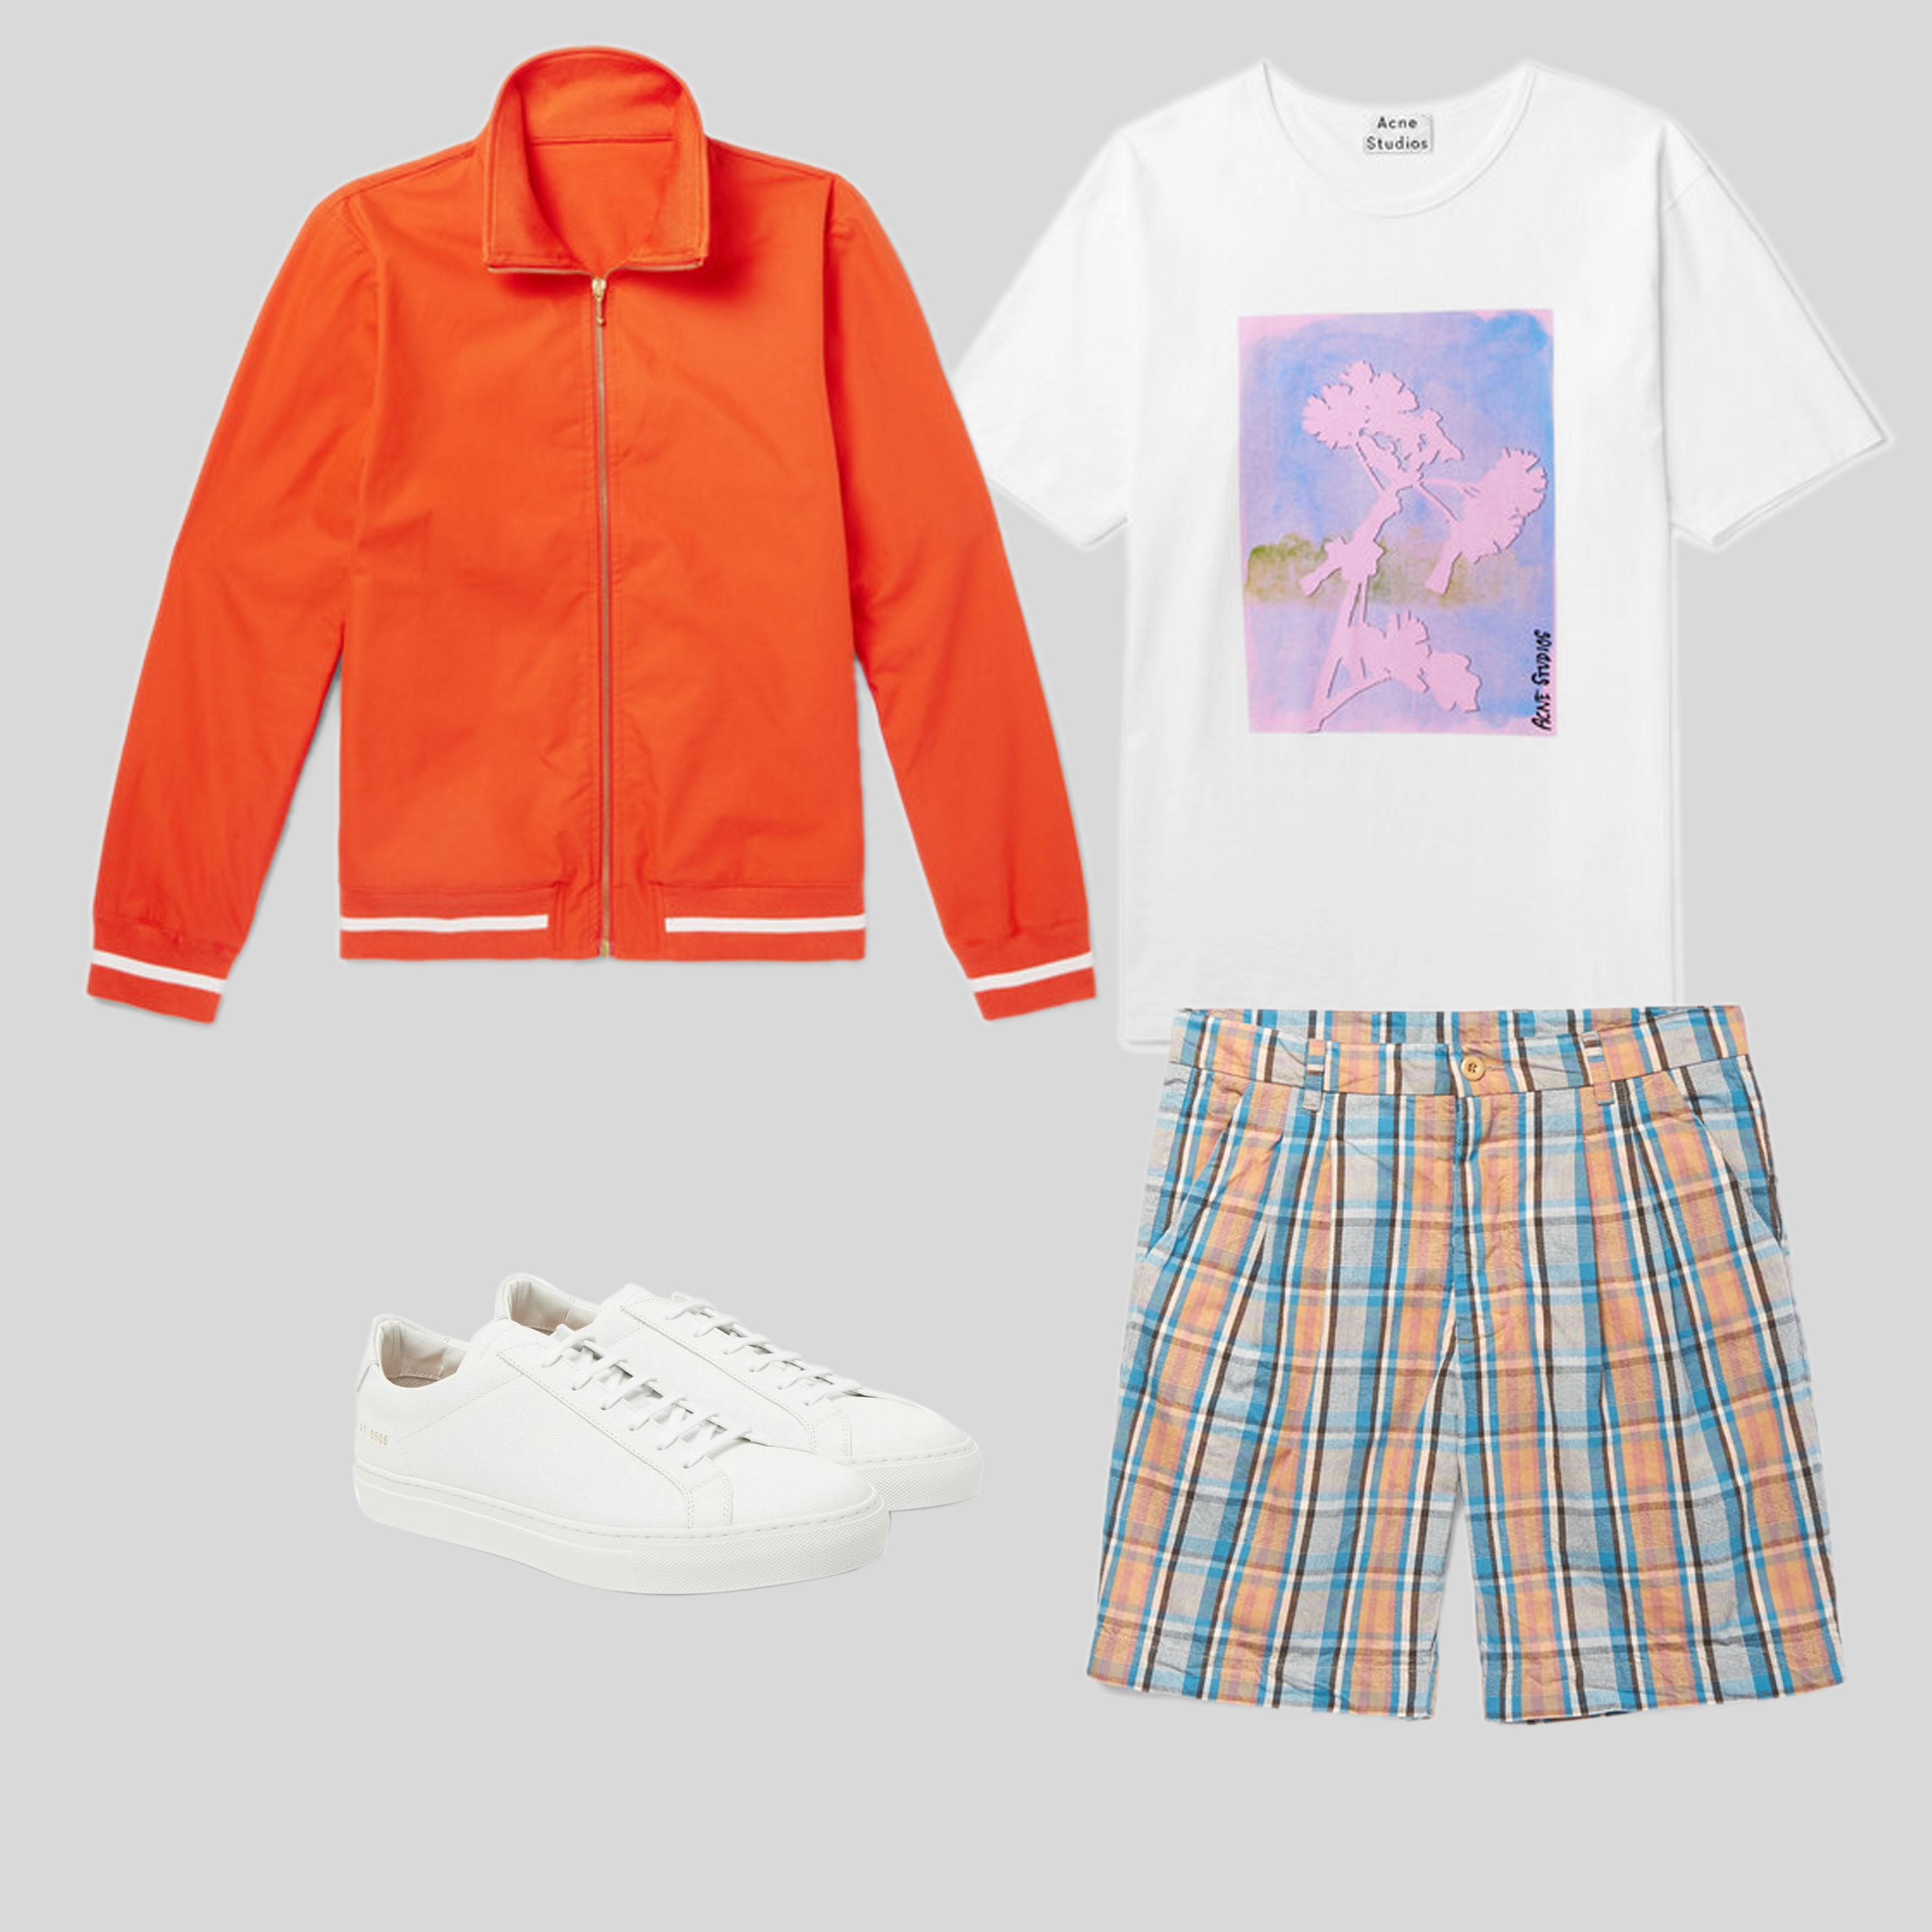 ELLE Man Style Calendar 'F5' phong cách với chiếc quần short đi biển. (1)